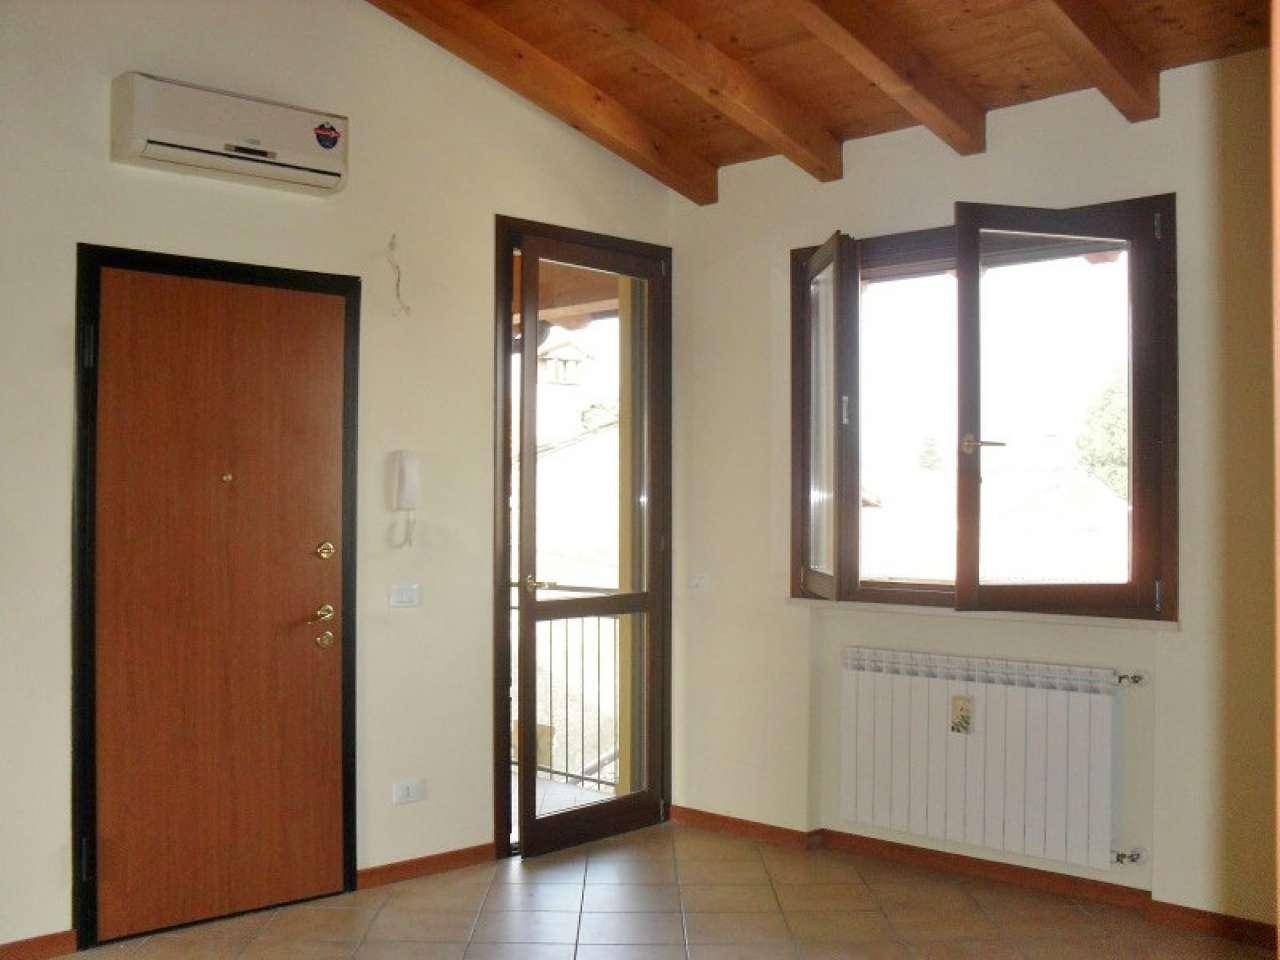 Appartamento in vendita a Soresina, 3 locali, prezzo € 120.000 | PortaleAgenzieImmobiliari.it